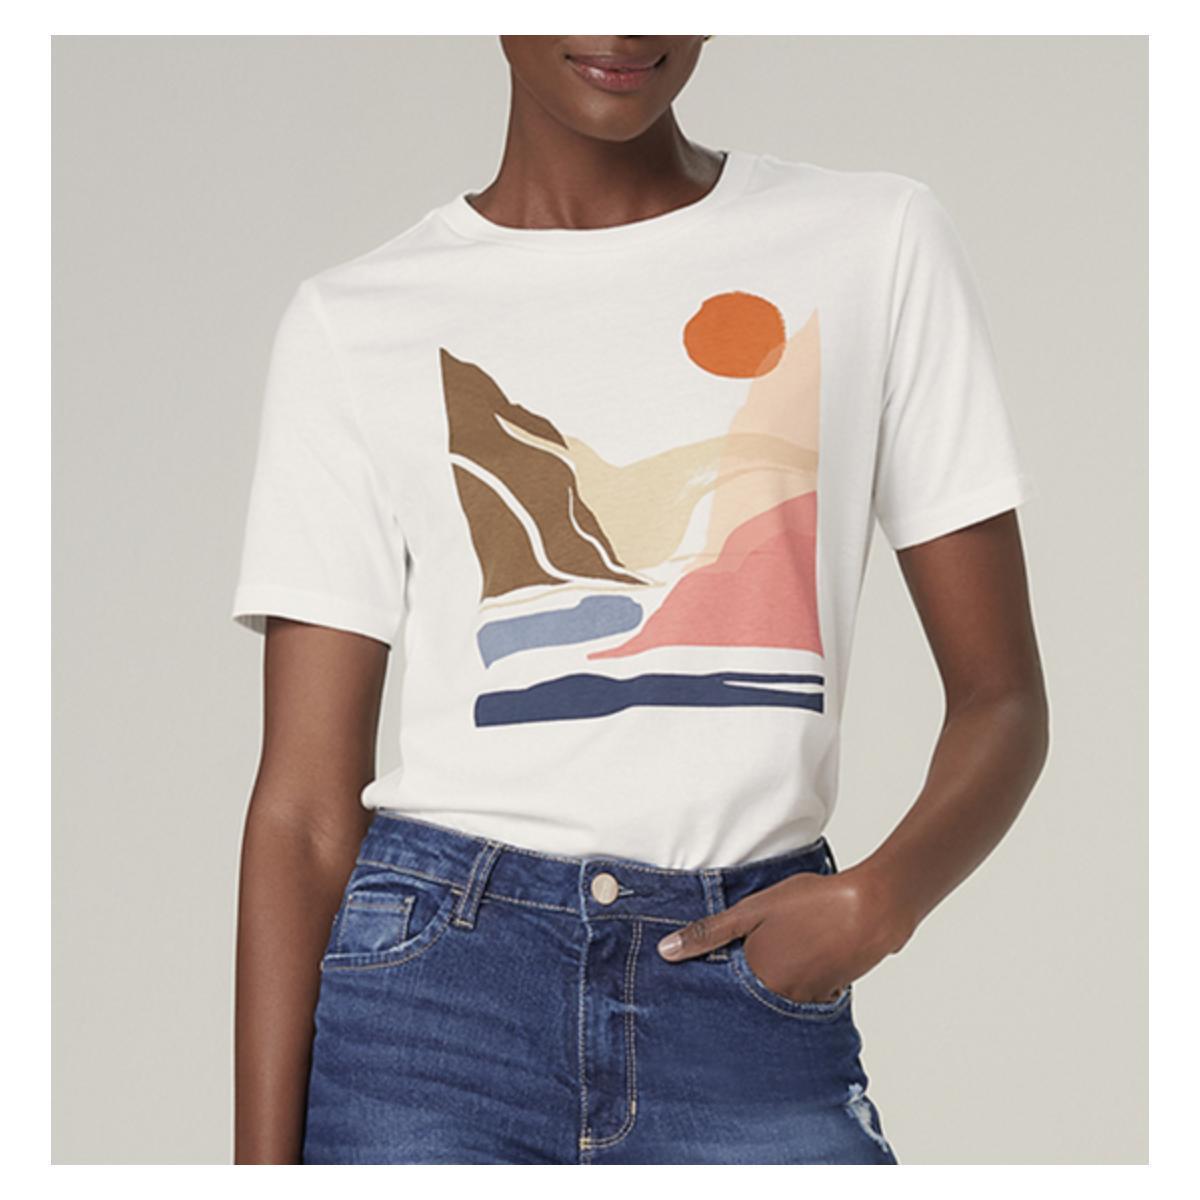 T-shirt Feminino Dzarm 6rz3 Nmcen Off White